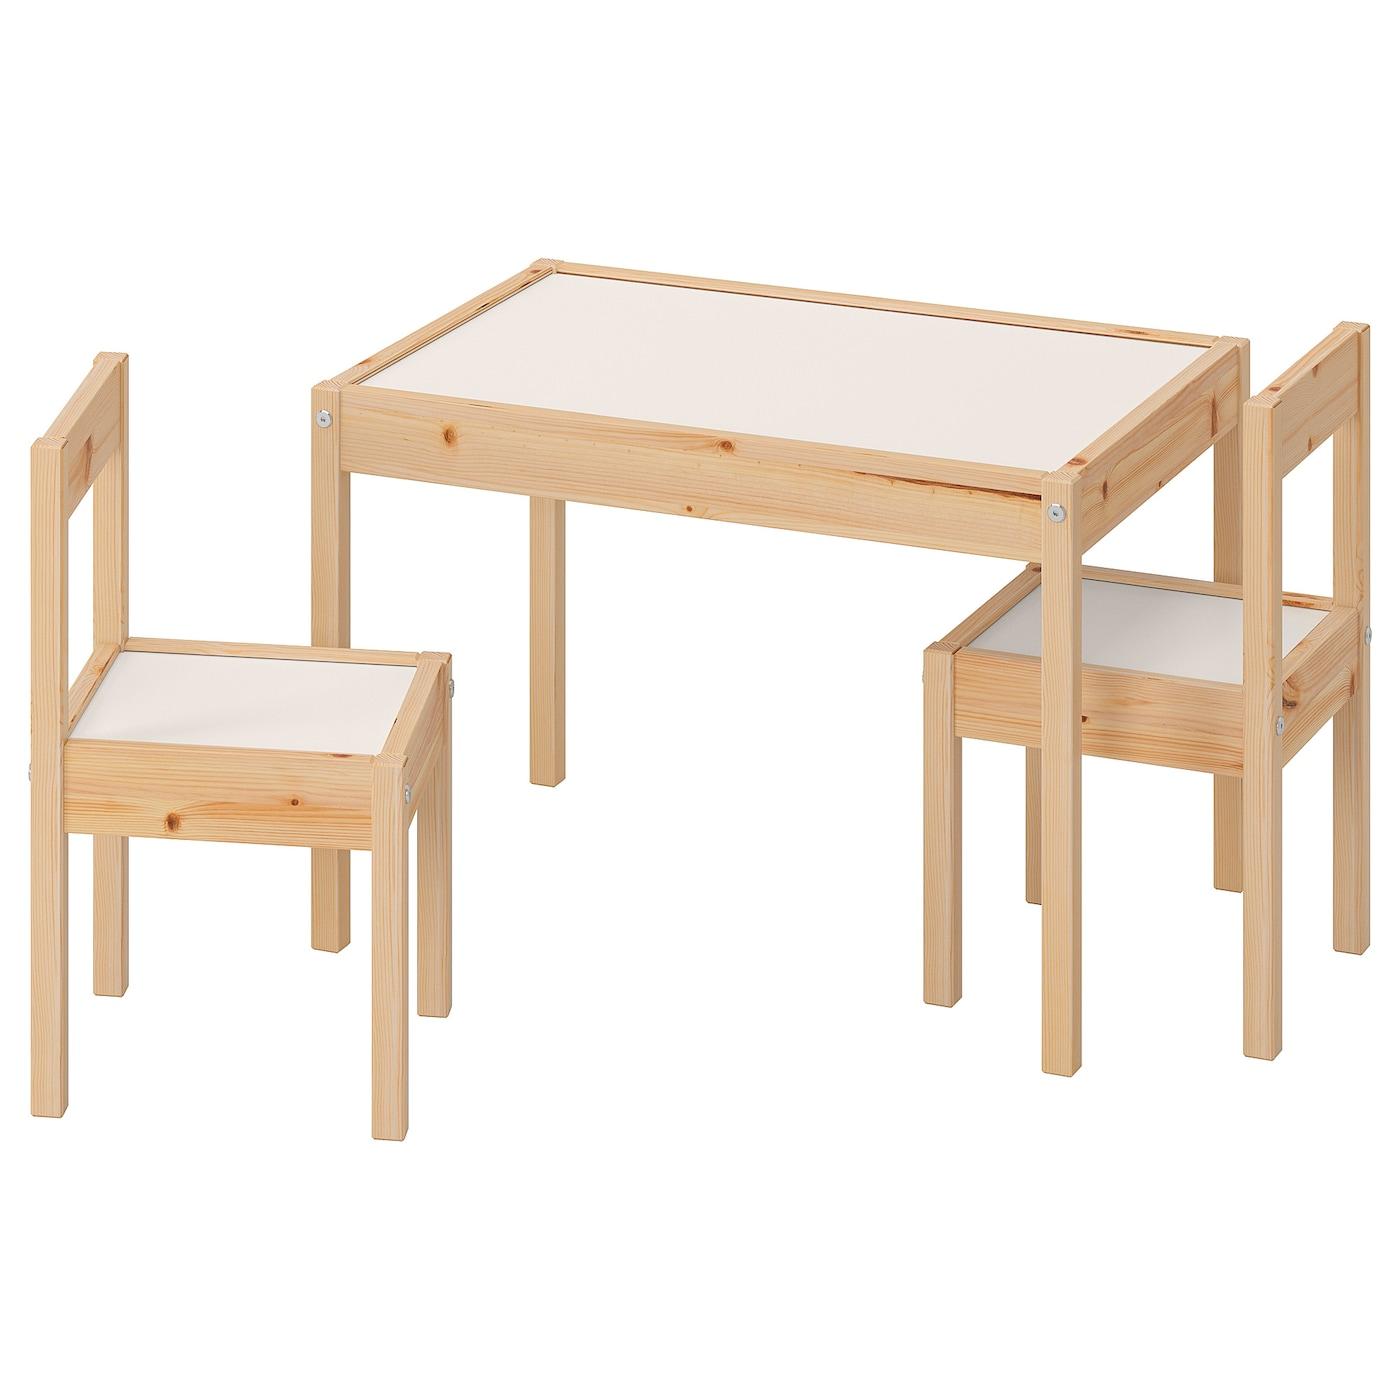 Bureau Enfant 2 Ans lÄtt table et 2 chaises enfant - blanc, pin